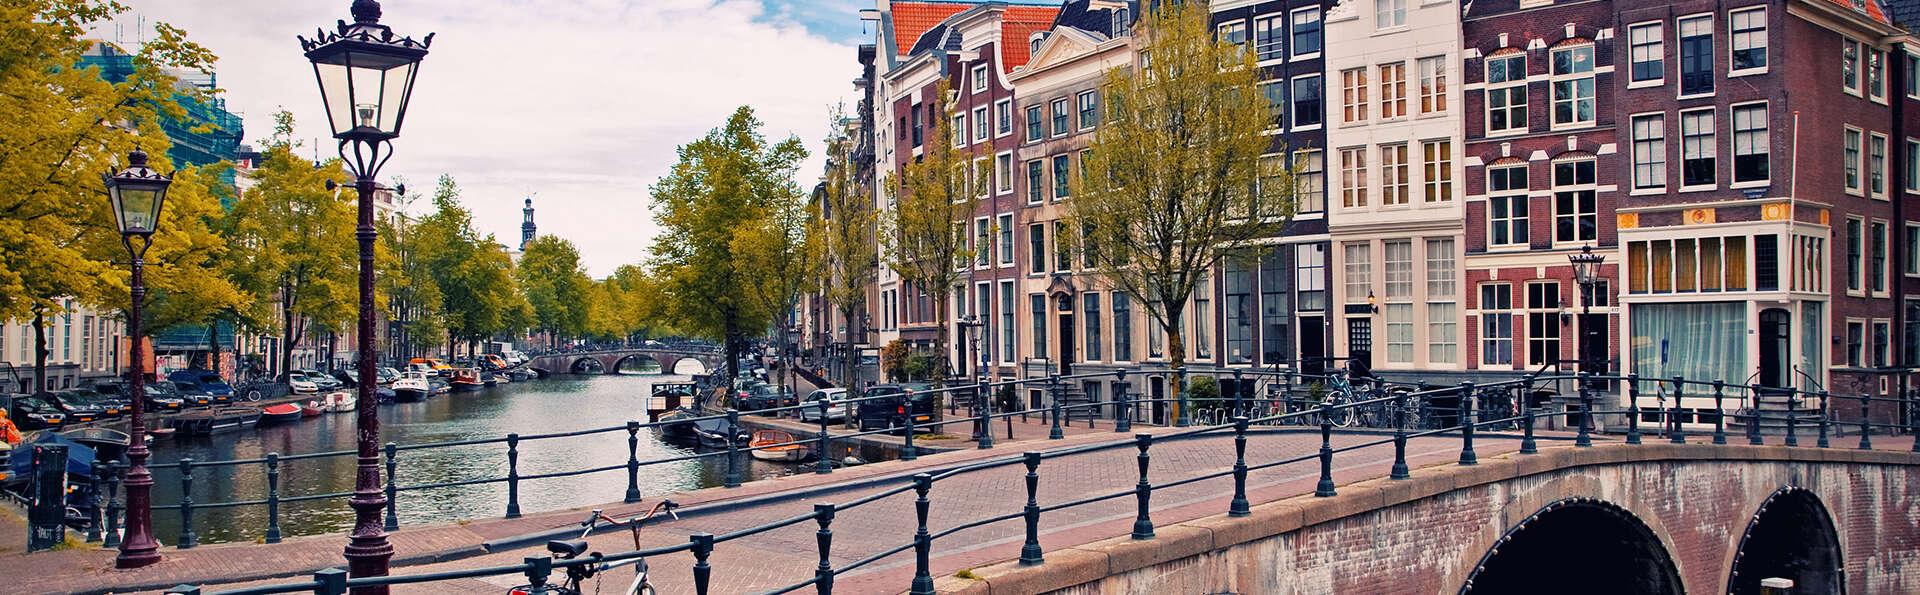 Traverser Amsterdam à vélo, c'est toujours une bonne idée !